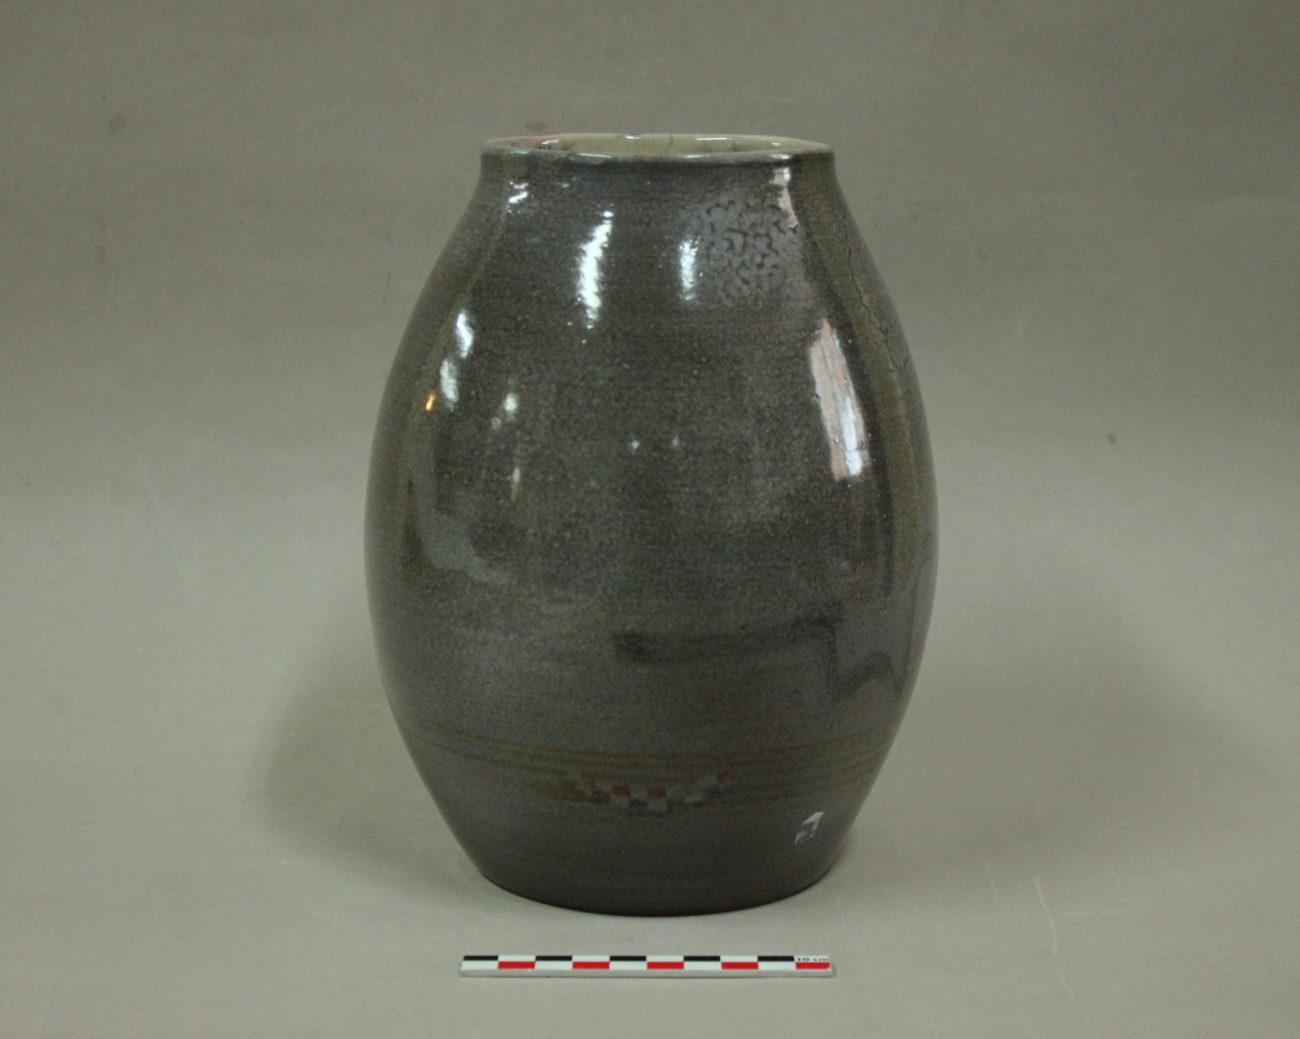 Restauration d'un vase en terre cuite émaillée d'Yves Suzanne